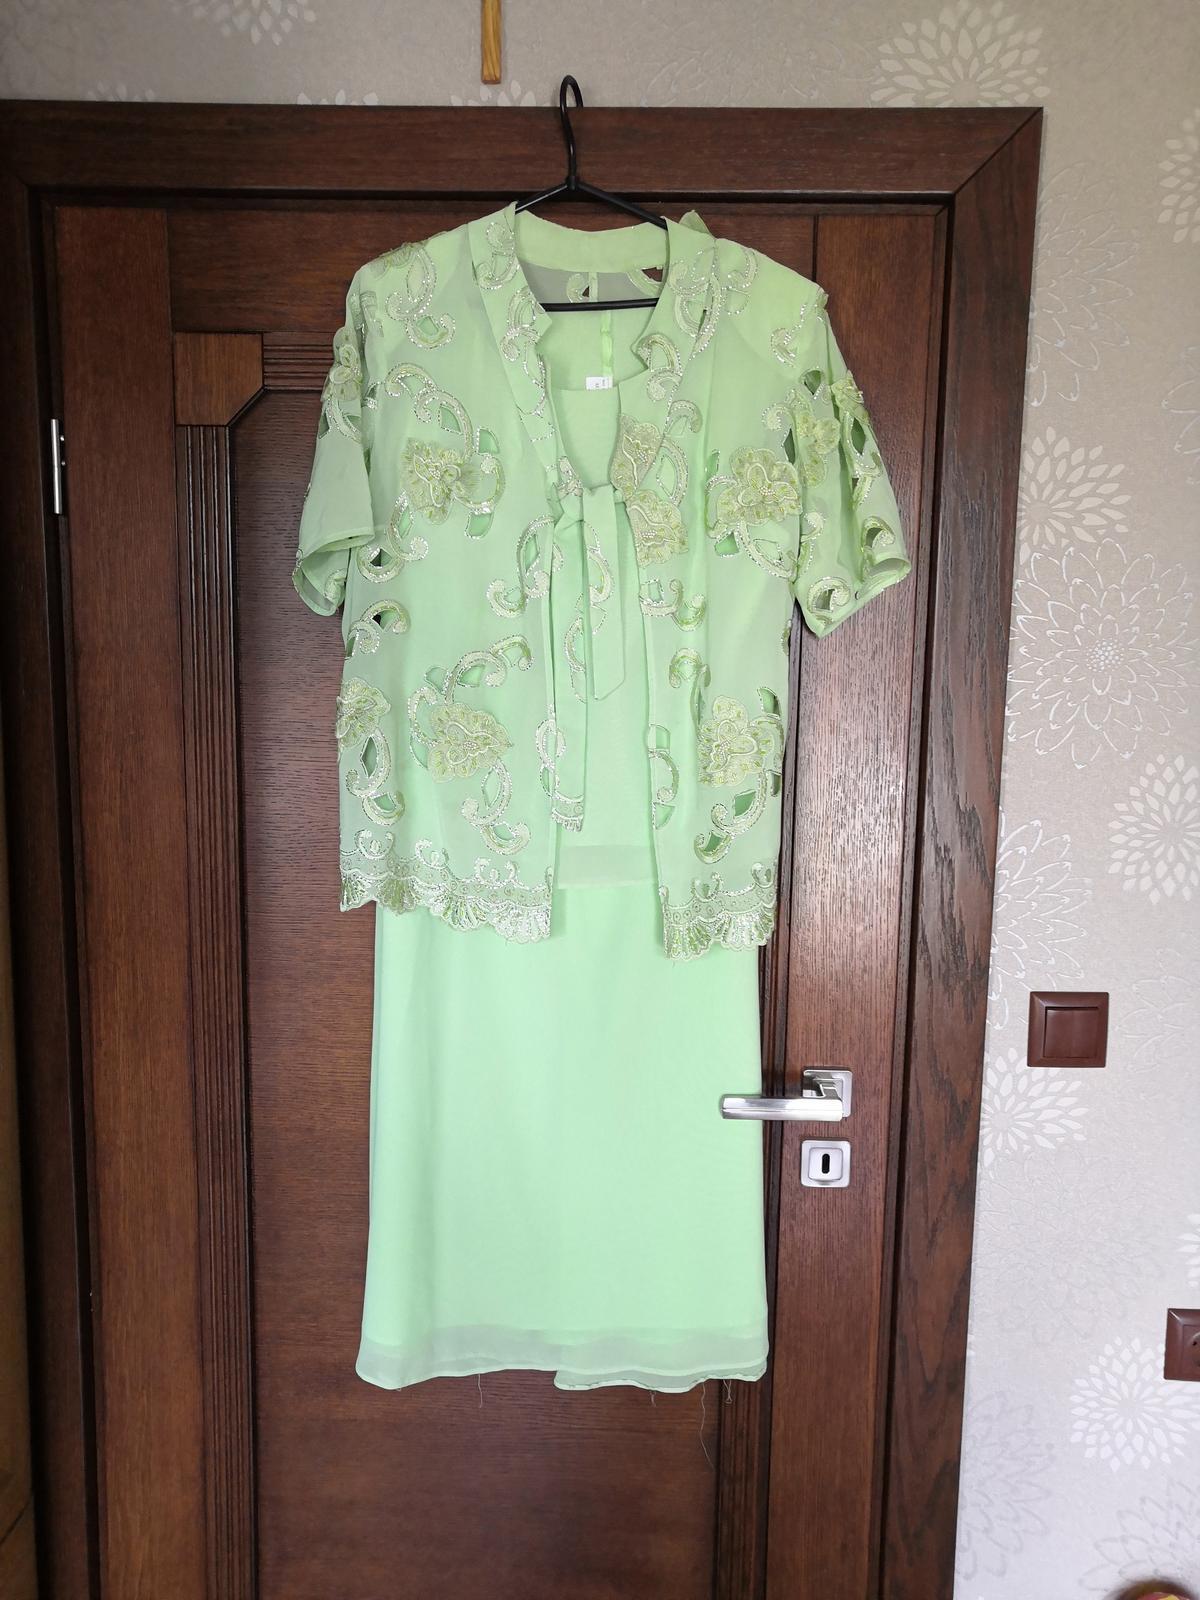 Dlhé bohatozdobené spoločenské šaty veľkosť 48 - Obrázok č. 1